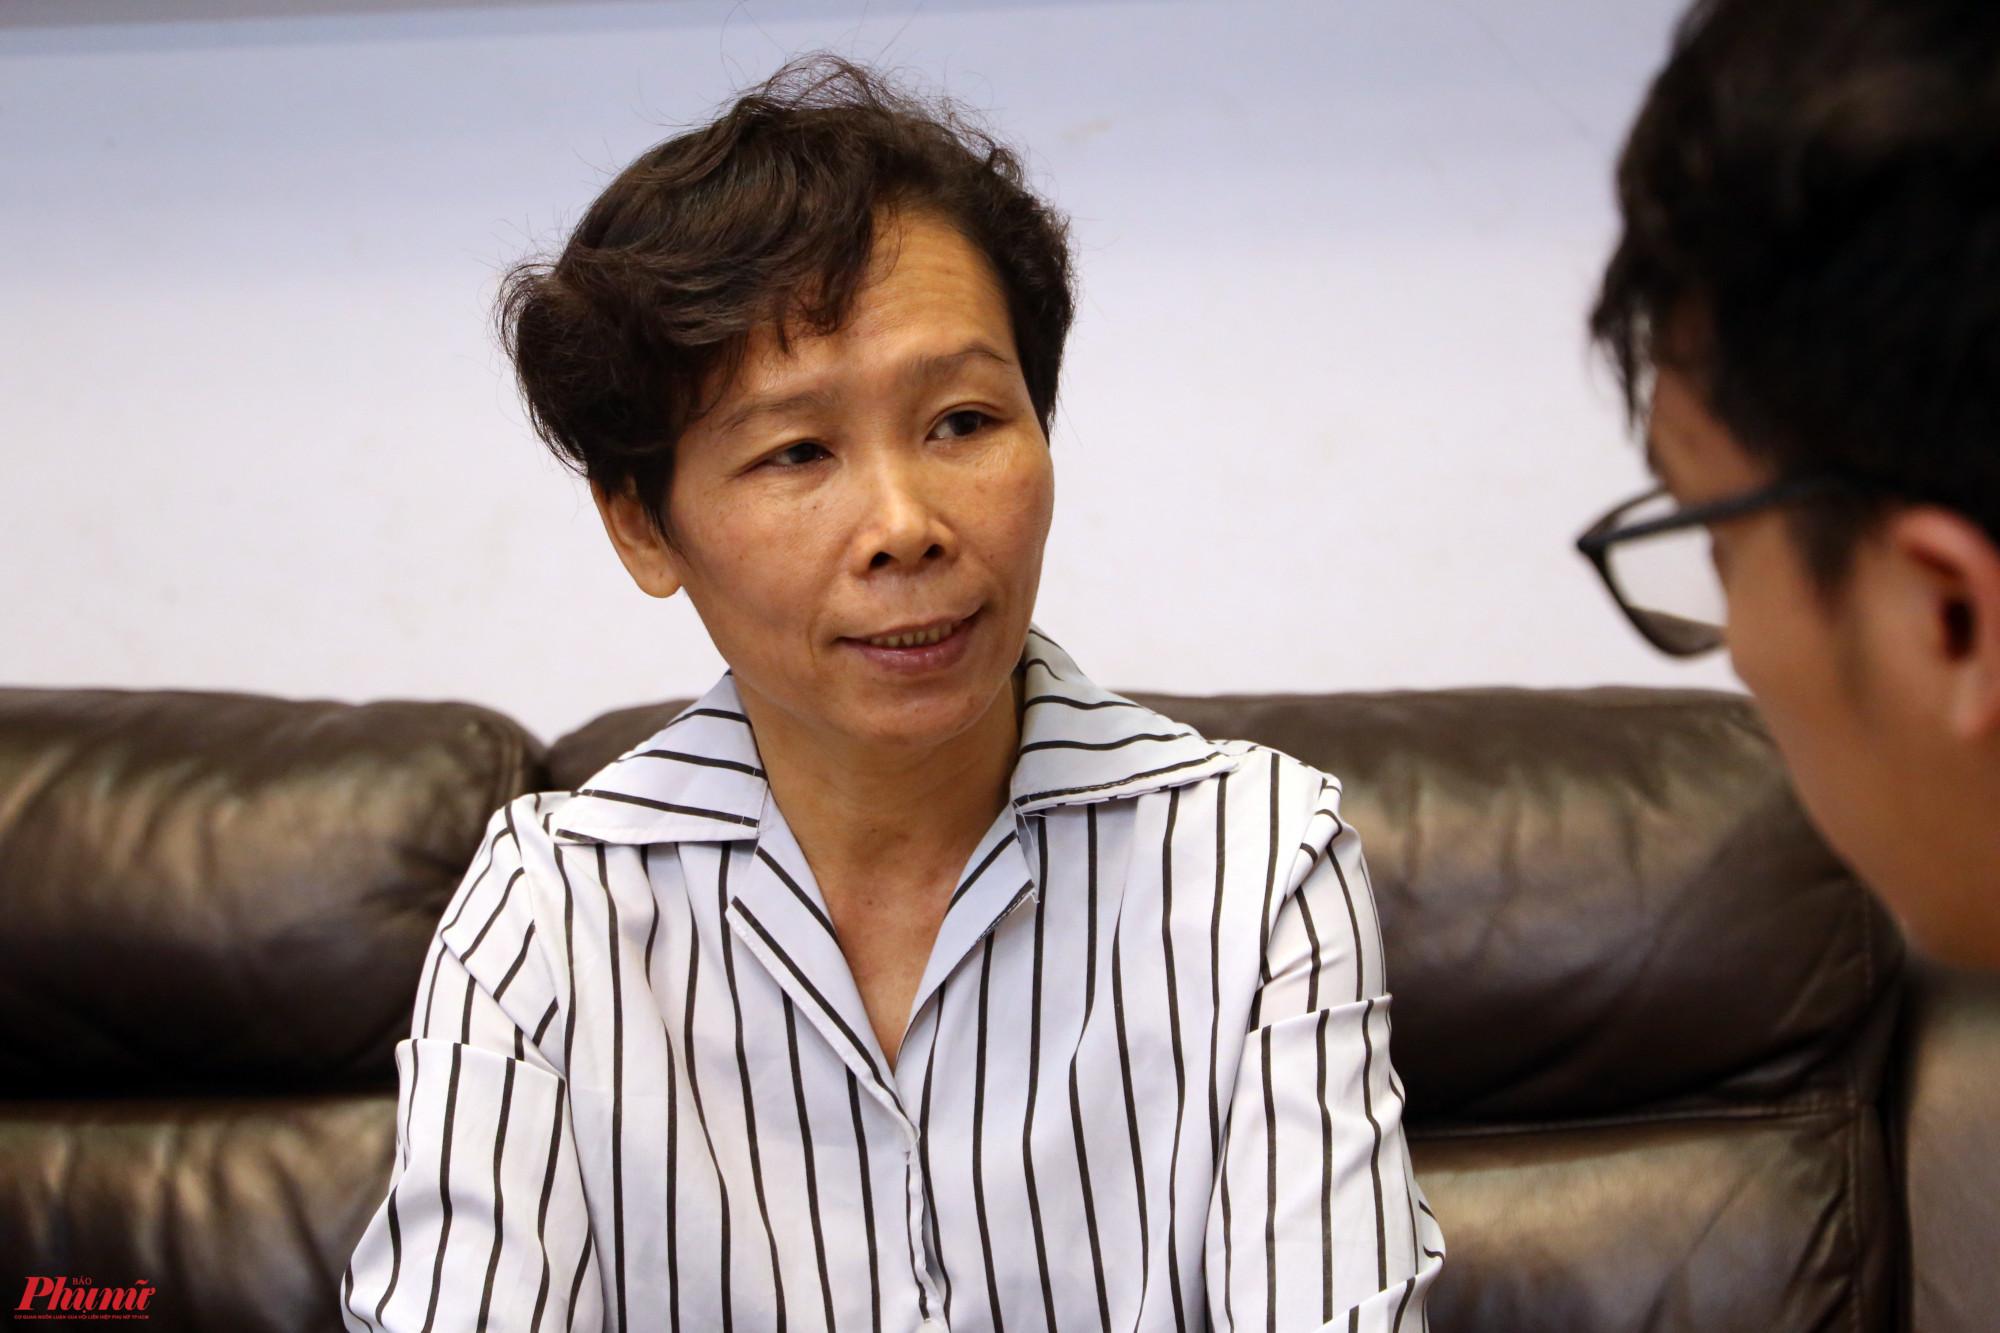 Mẹ Hồ Văn Cường nói muốn ổn định cuộc sống ở Sài Gòn